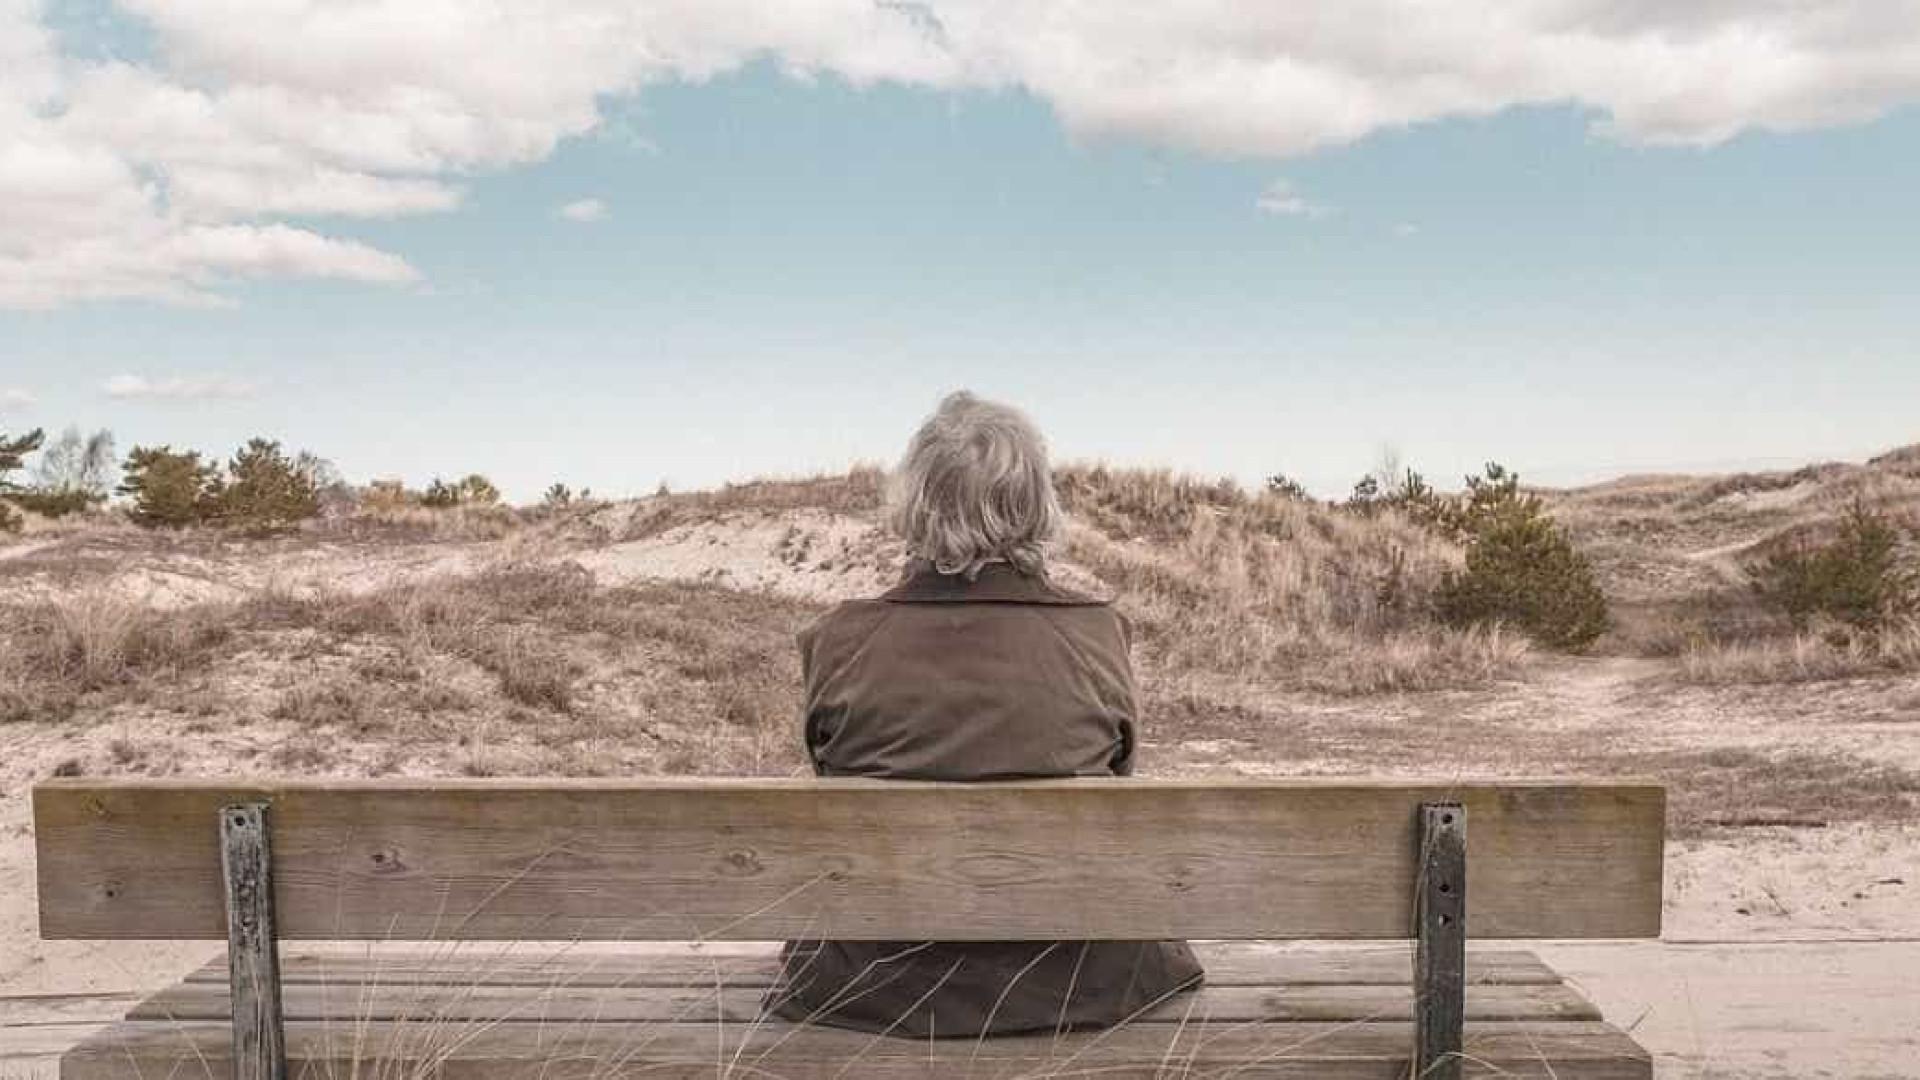 Suécia nega asilo a idosa afegã de 106 anos